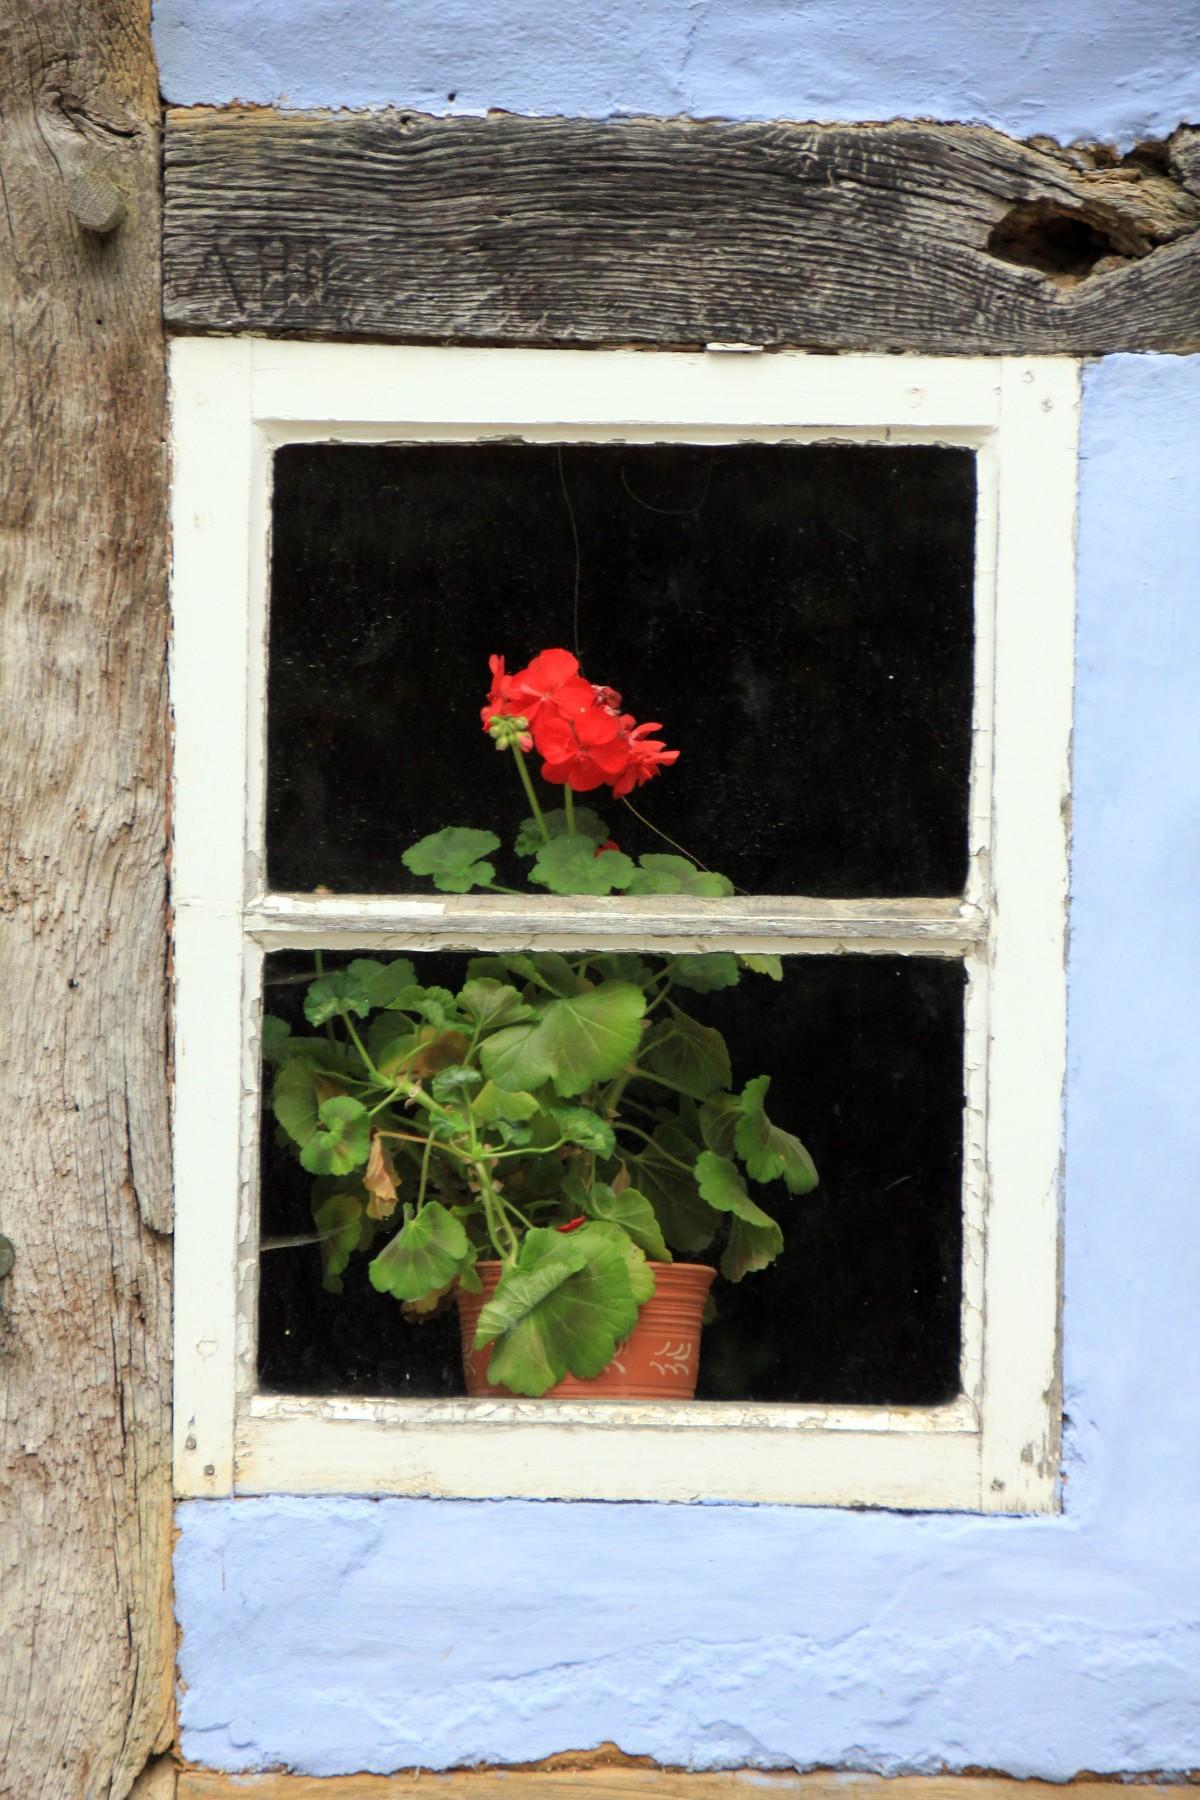 Images Gratuites Plante La Photographie Fleur Fentre